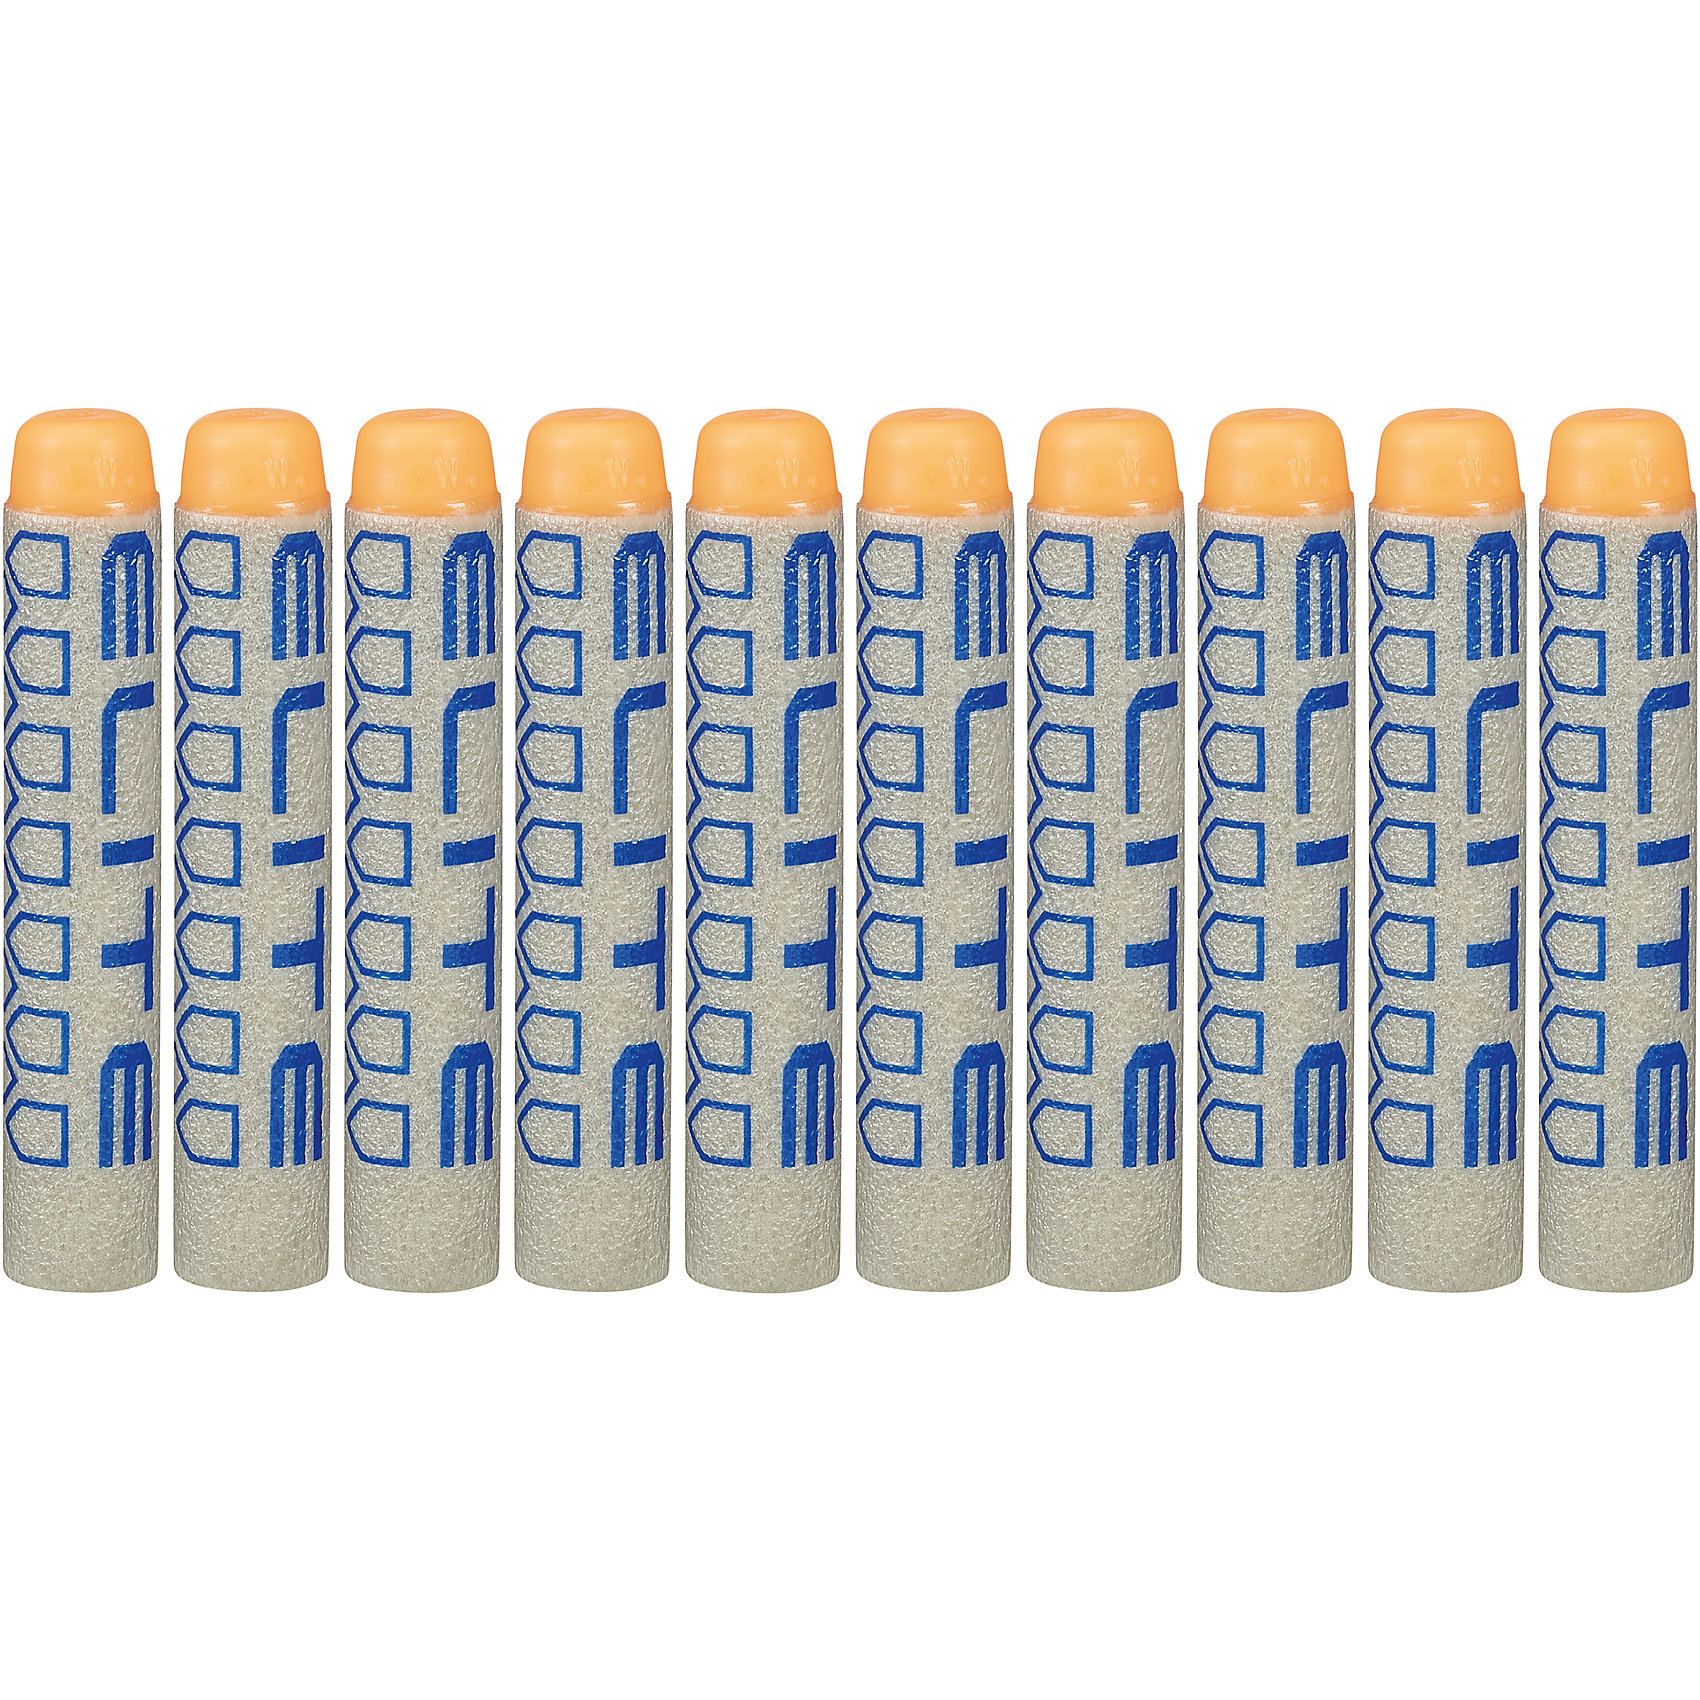 Hasbro 10 деко-стрел для бластер Элит, Nerf бластер nerf элит диструптор b9837